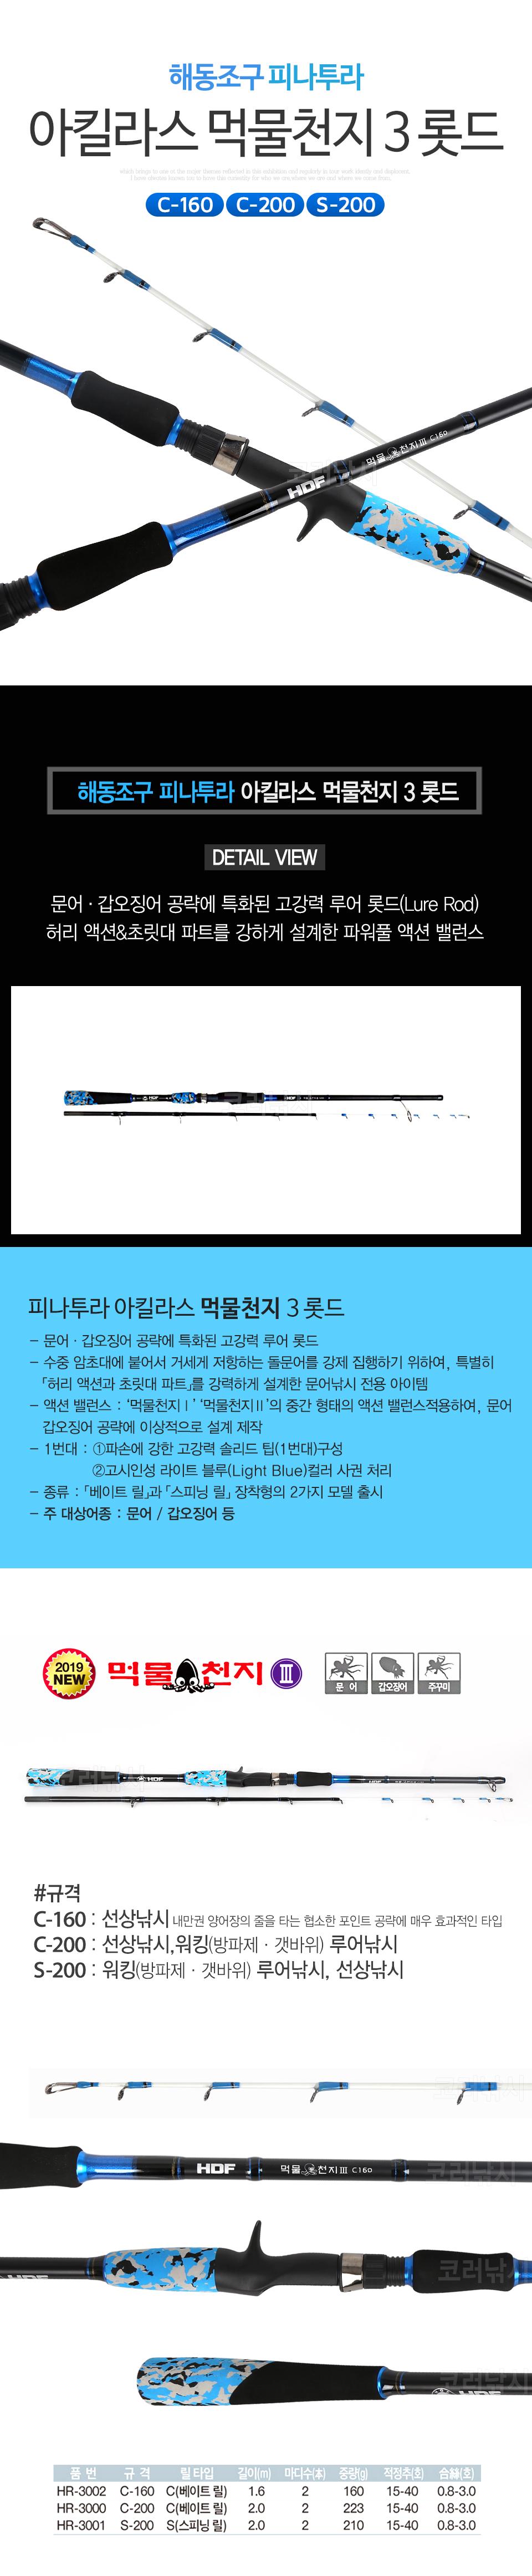 해동조구 피나투라 아킬라스 먹물천지 3 롯드 해동 해동조구사 문어낚시대 문어낚시 문어